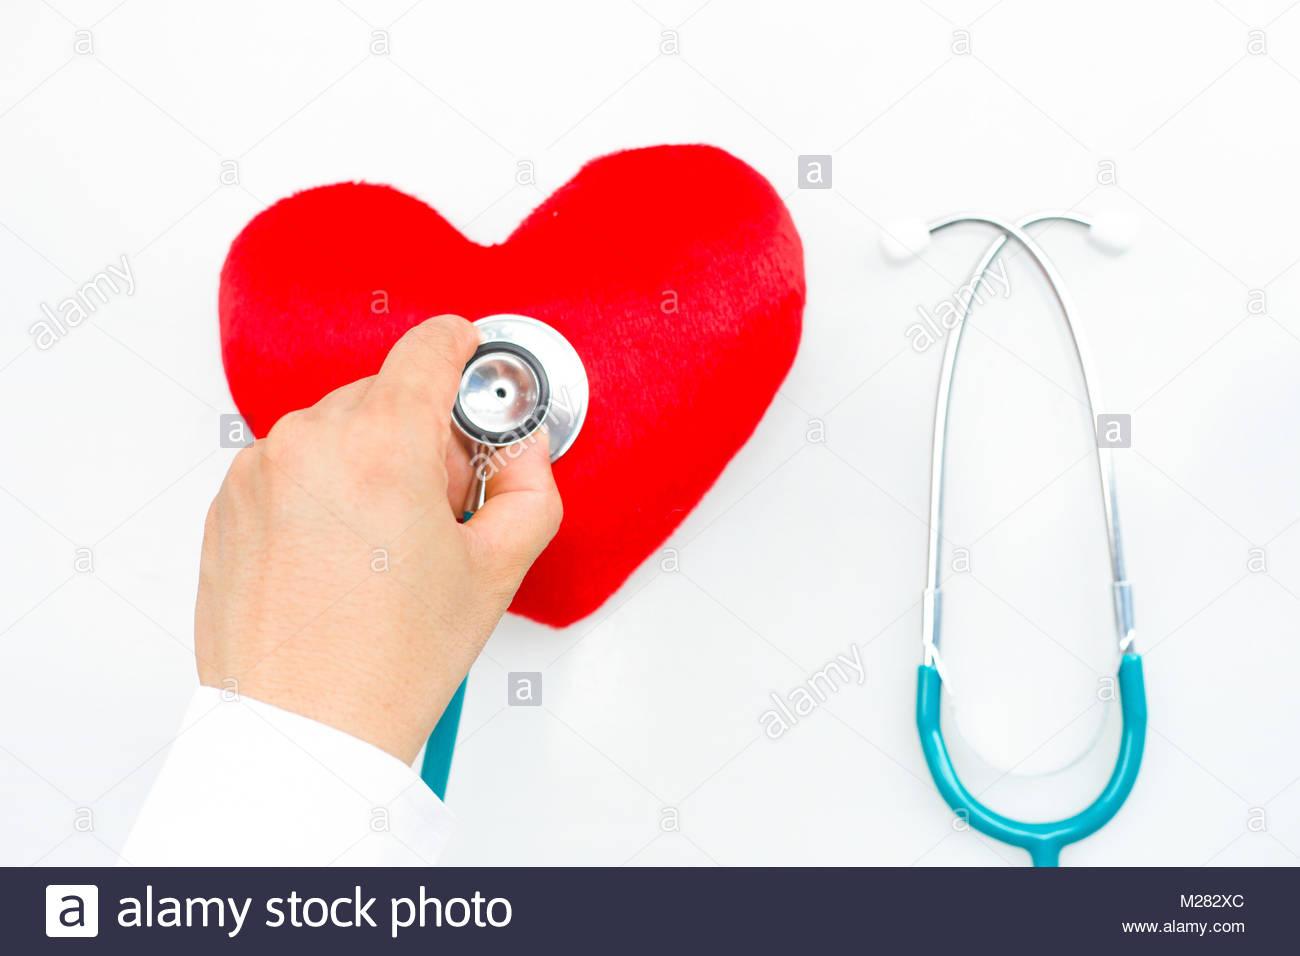 La maladie de coeur,coeur,stéthoscope et diagnostiquer les maladies du cœur,stéthoscope et heart,diagnostiquer Photo Stock